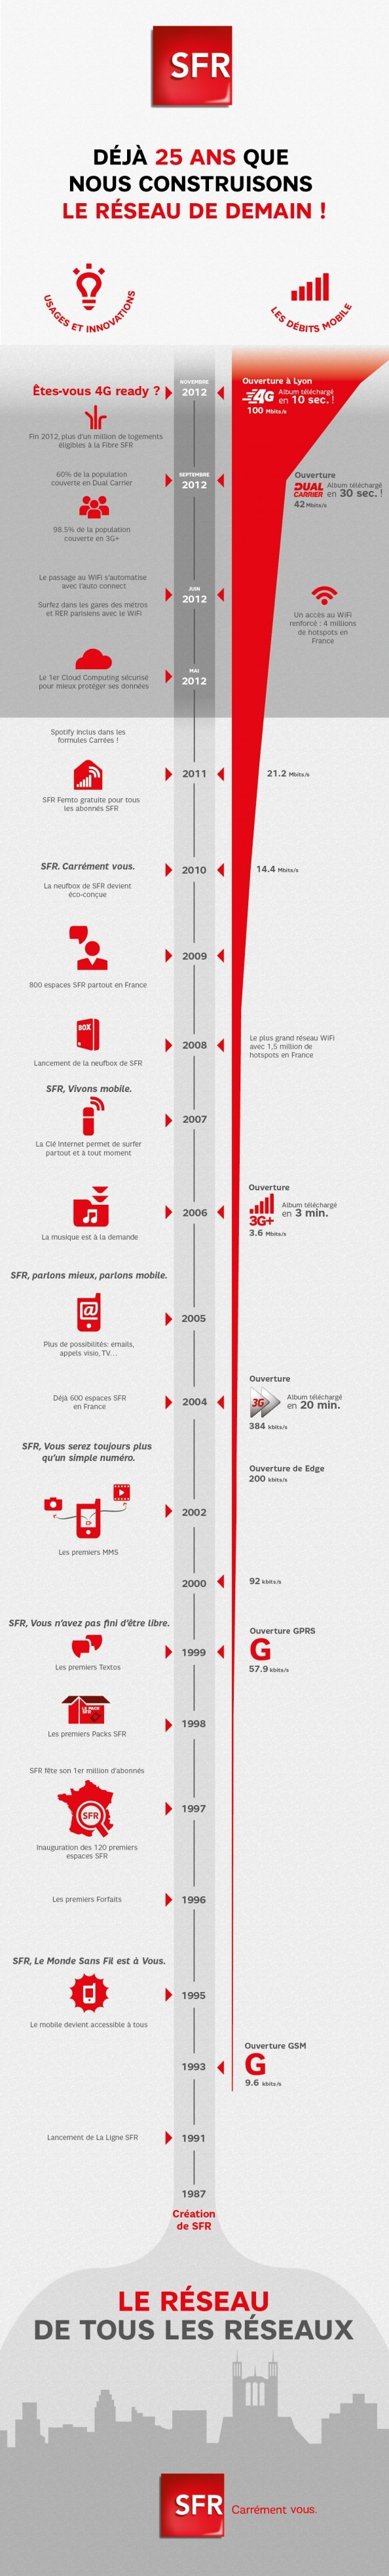 SFR célèbre les 25 ans de son réseau